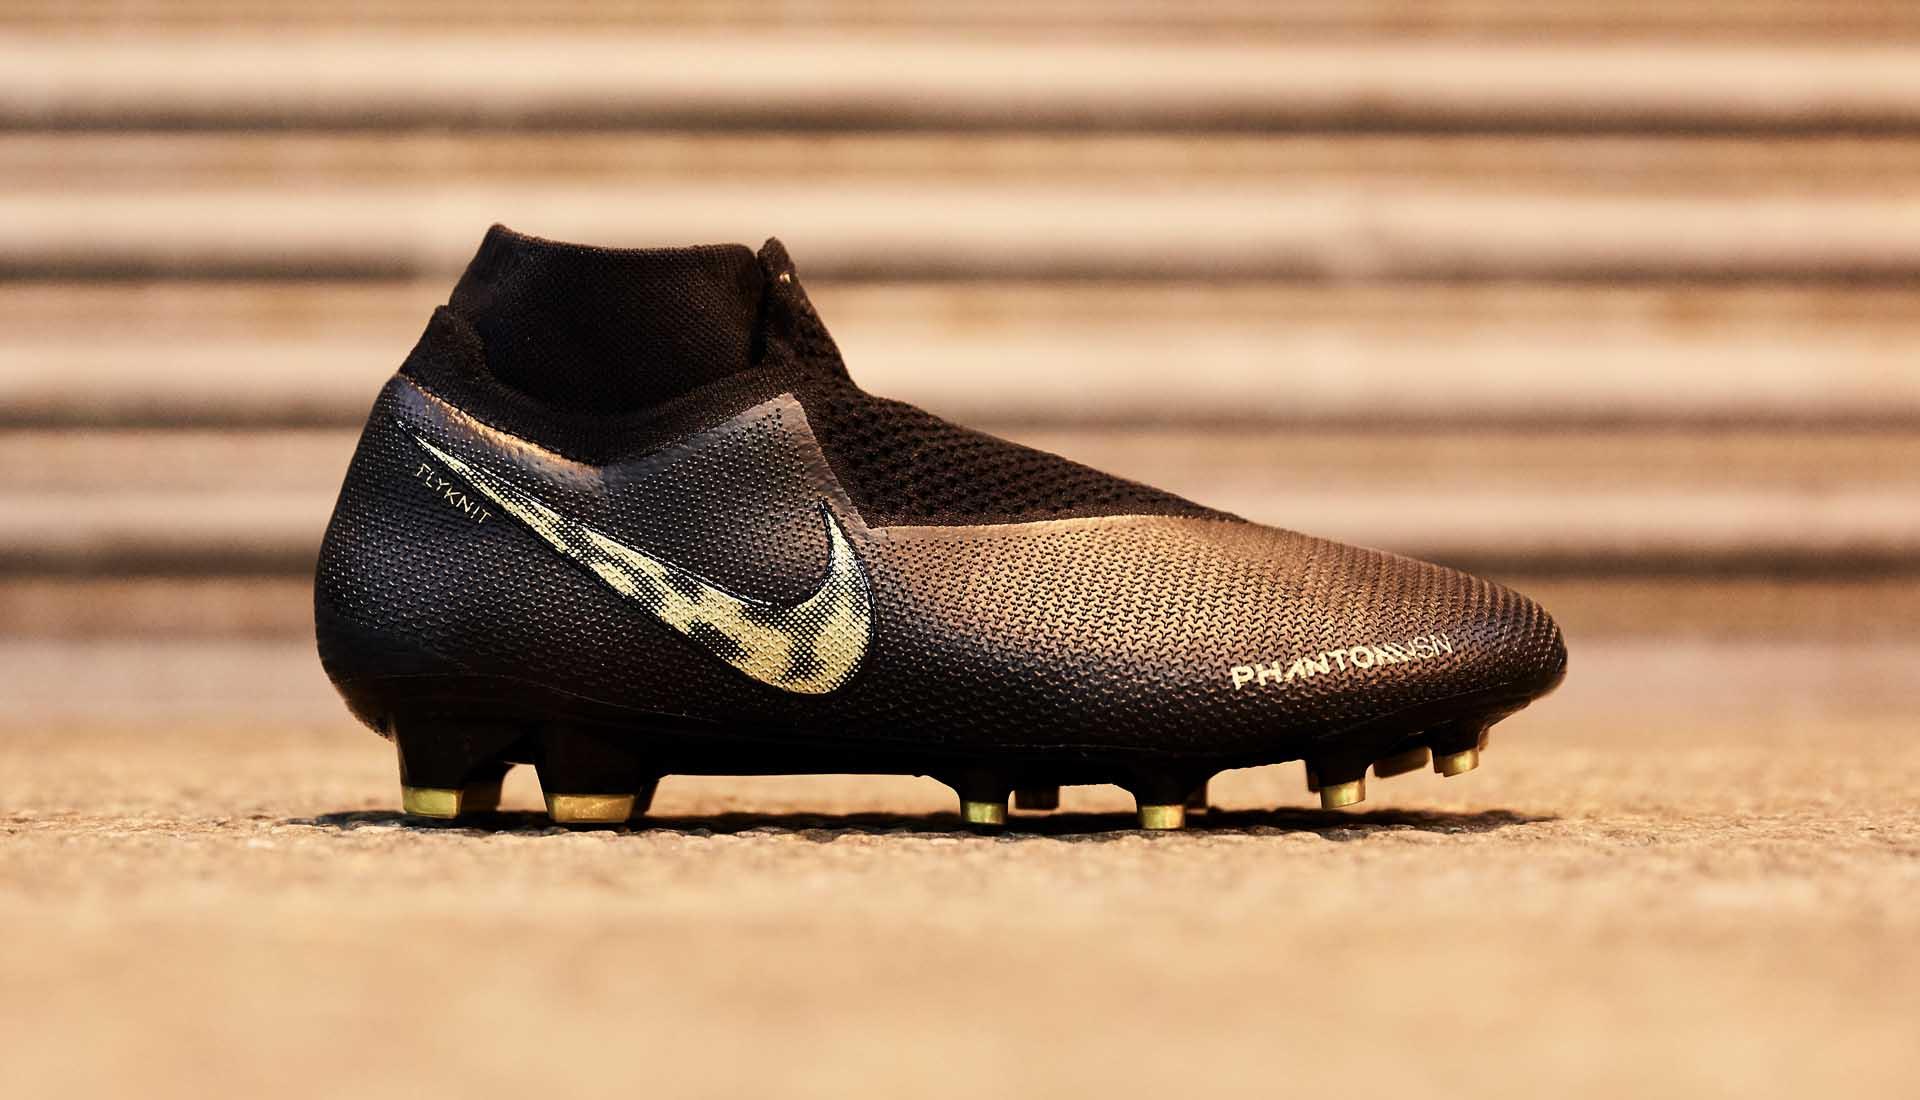 Giày đá banh chính hãng. Giày cỏ tự nhiên. Giày dành cho tiền vệ. Giày đá banh Nike.